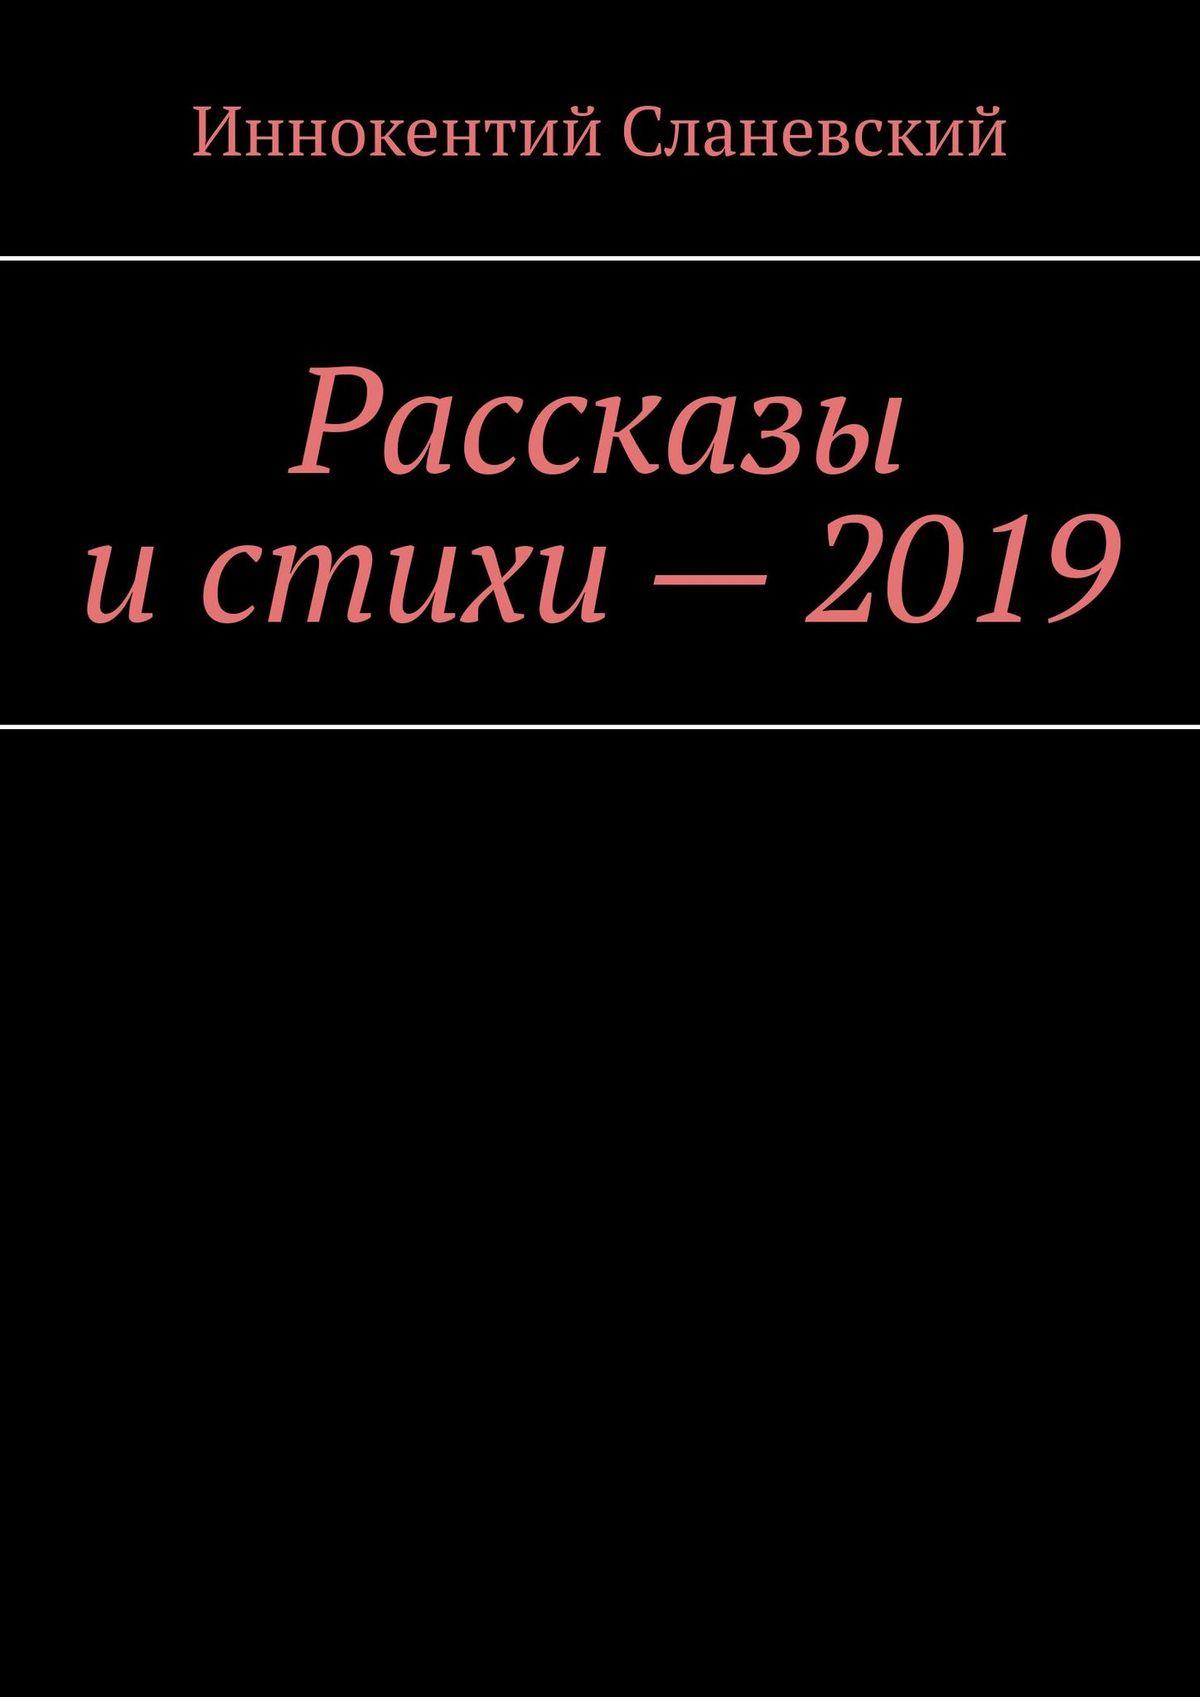 Рассказы истихи–2019